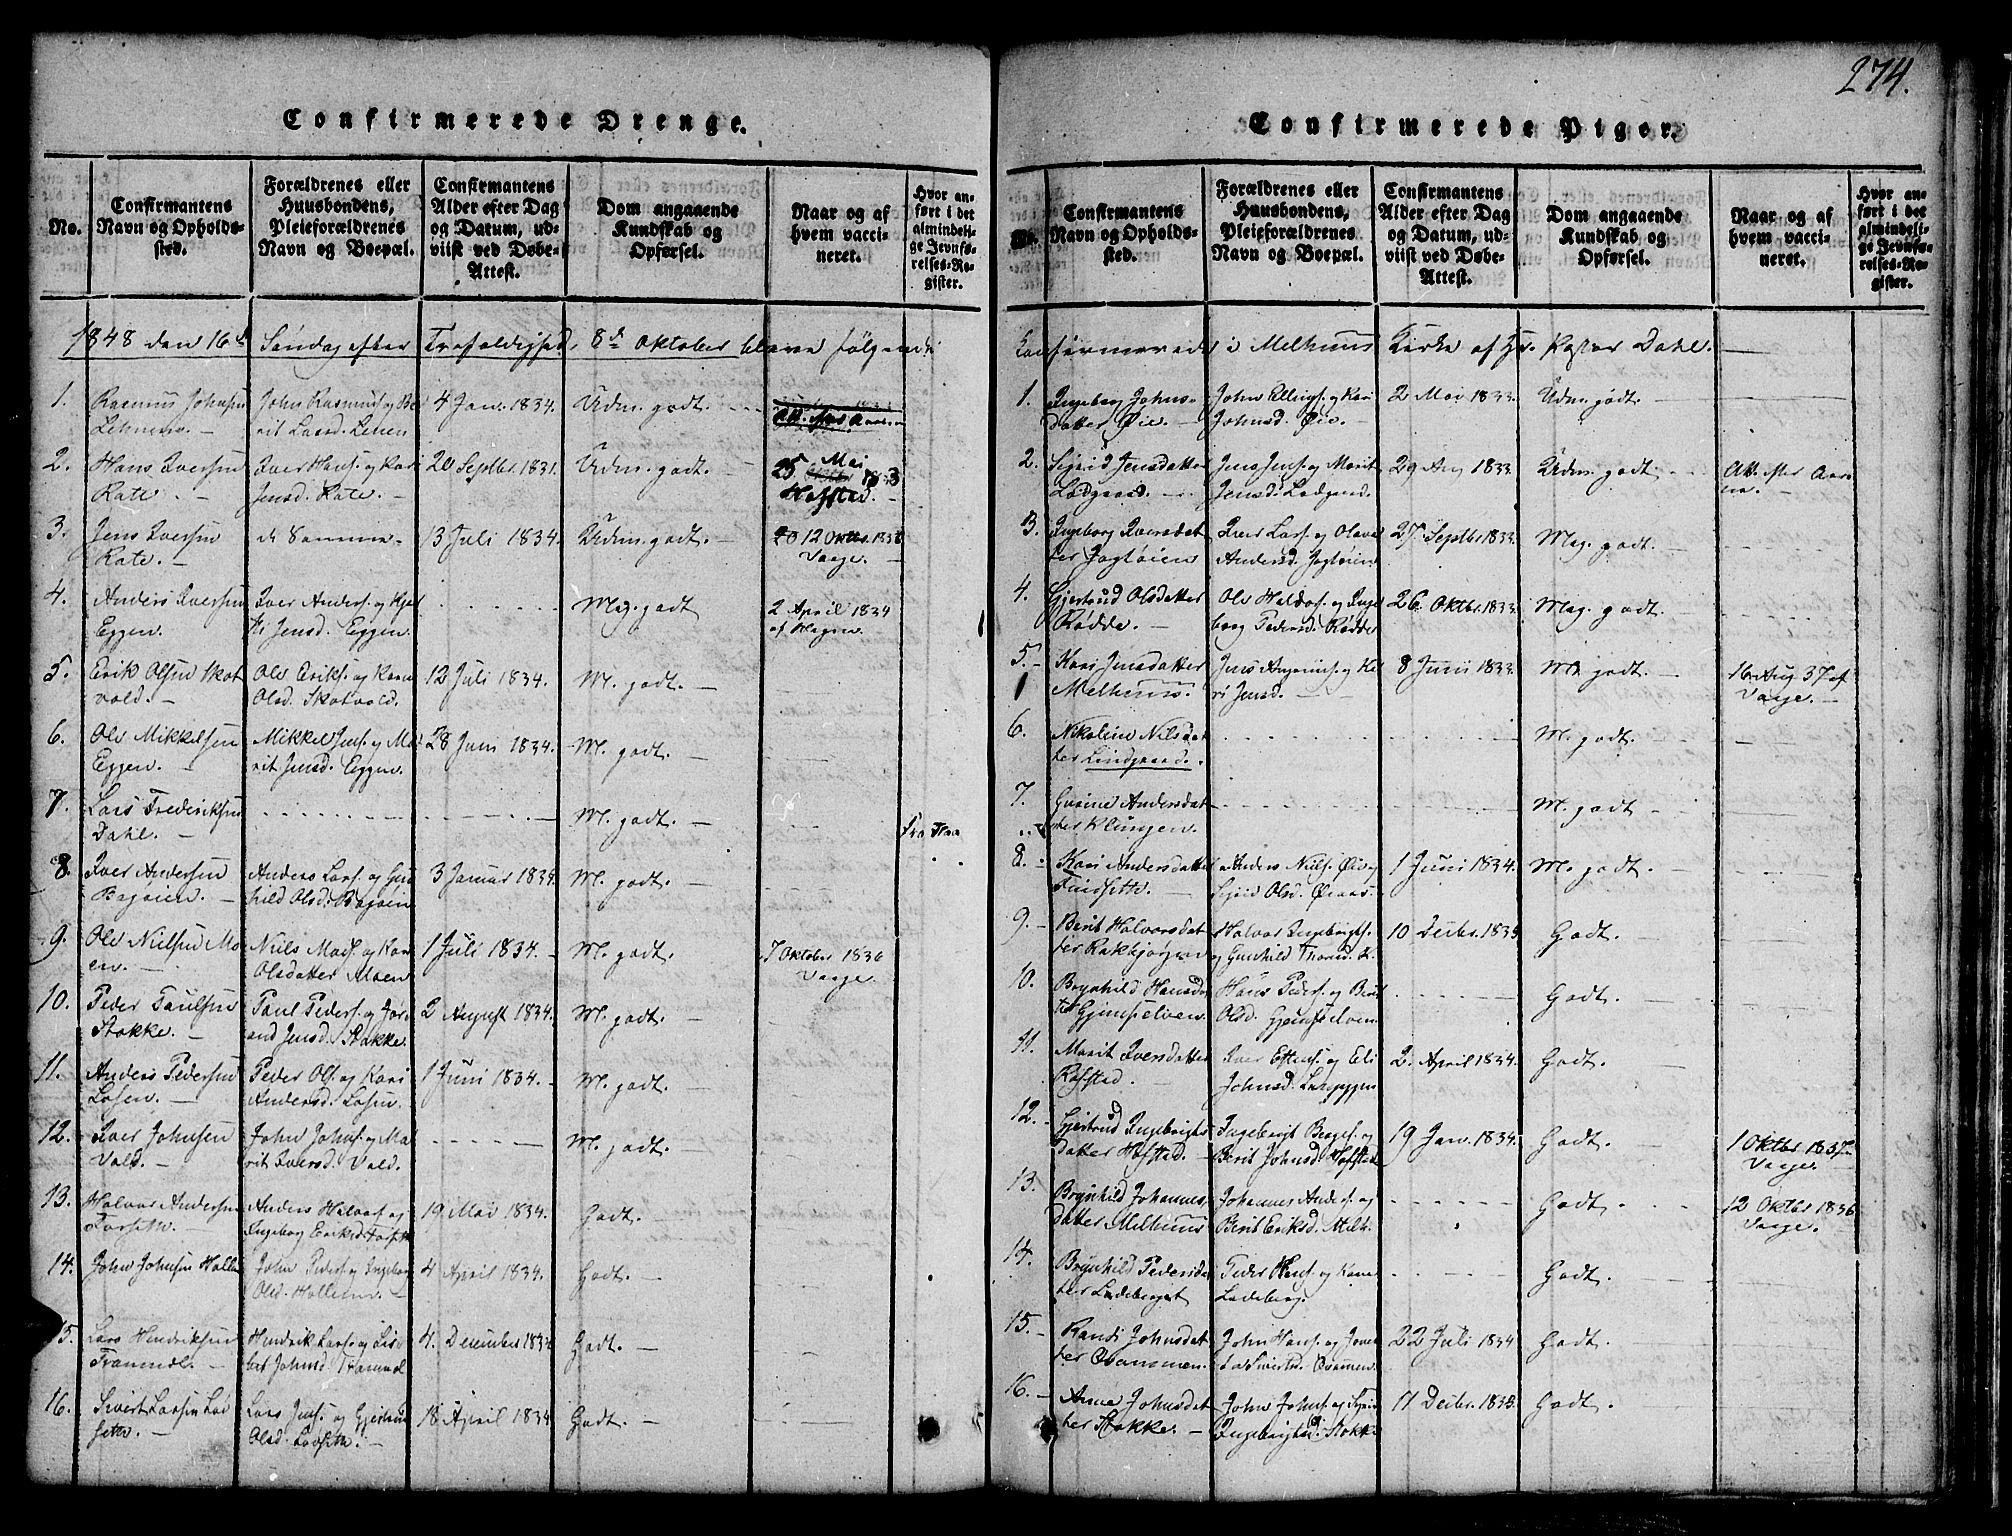 SAT, Ministerialprotokoller, klokkerbøker og fødselsregistre - Sør-Trøndelag, 691/L1092: Klokkerbok nr. 691C03, 1816-1852, s. 274